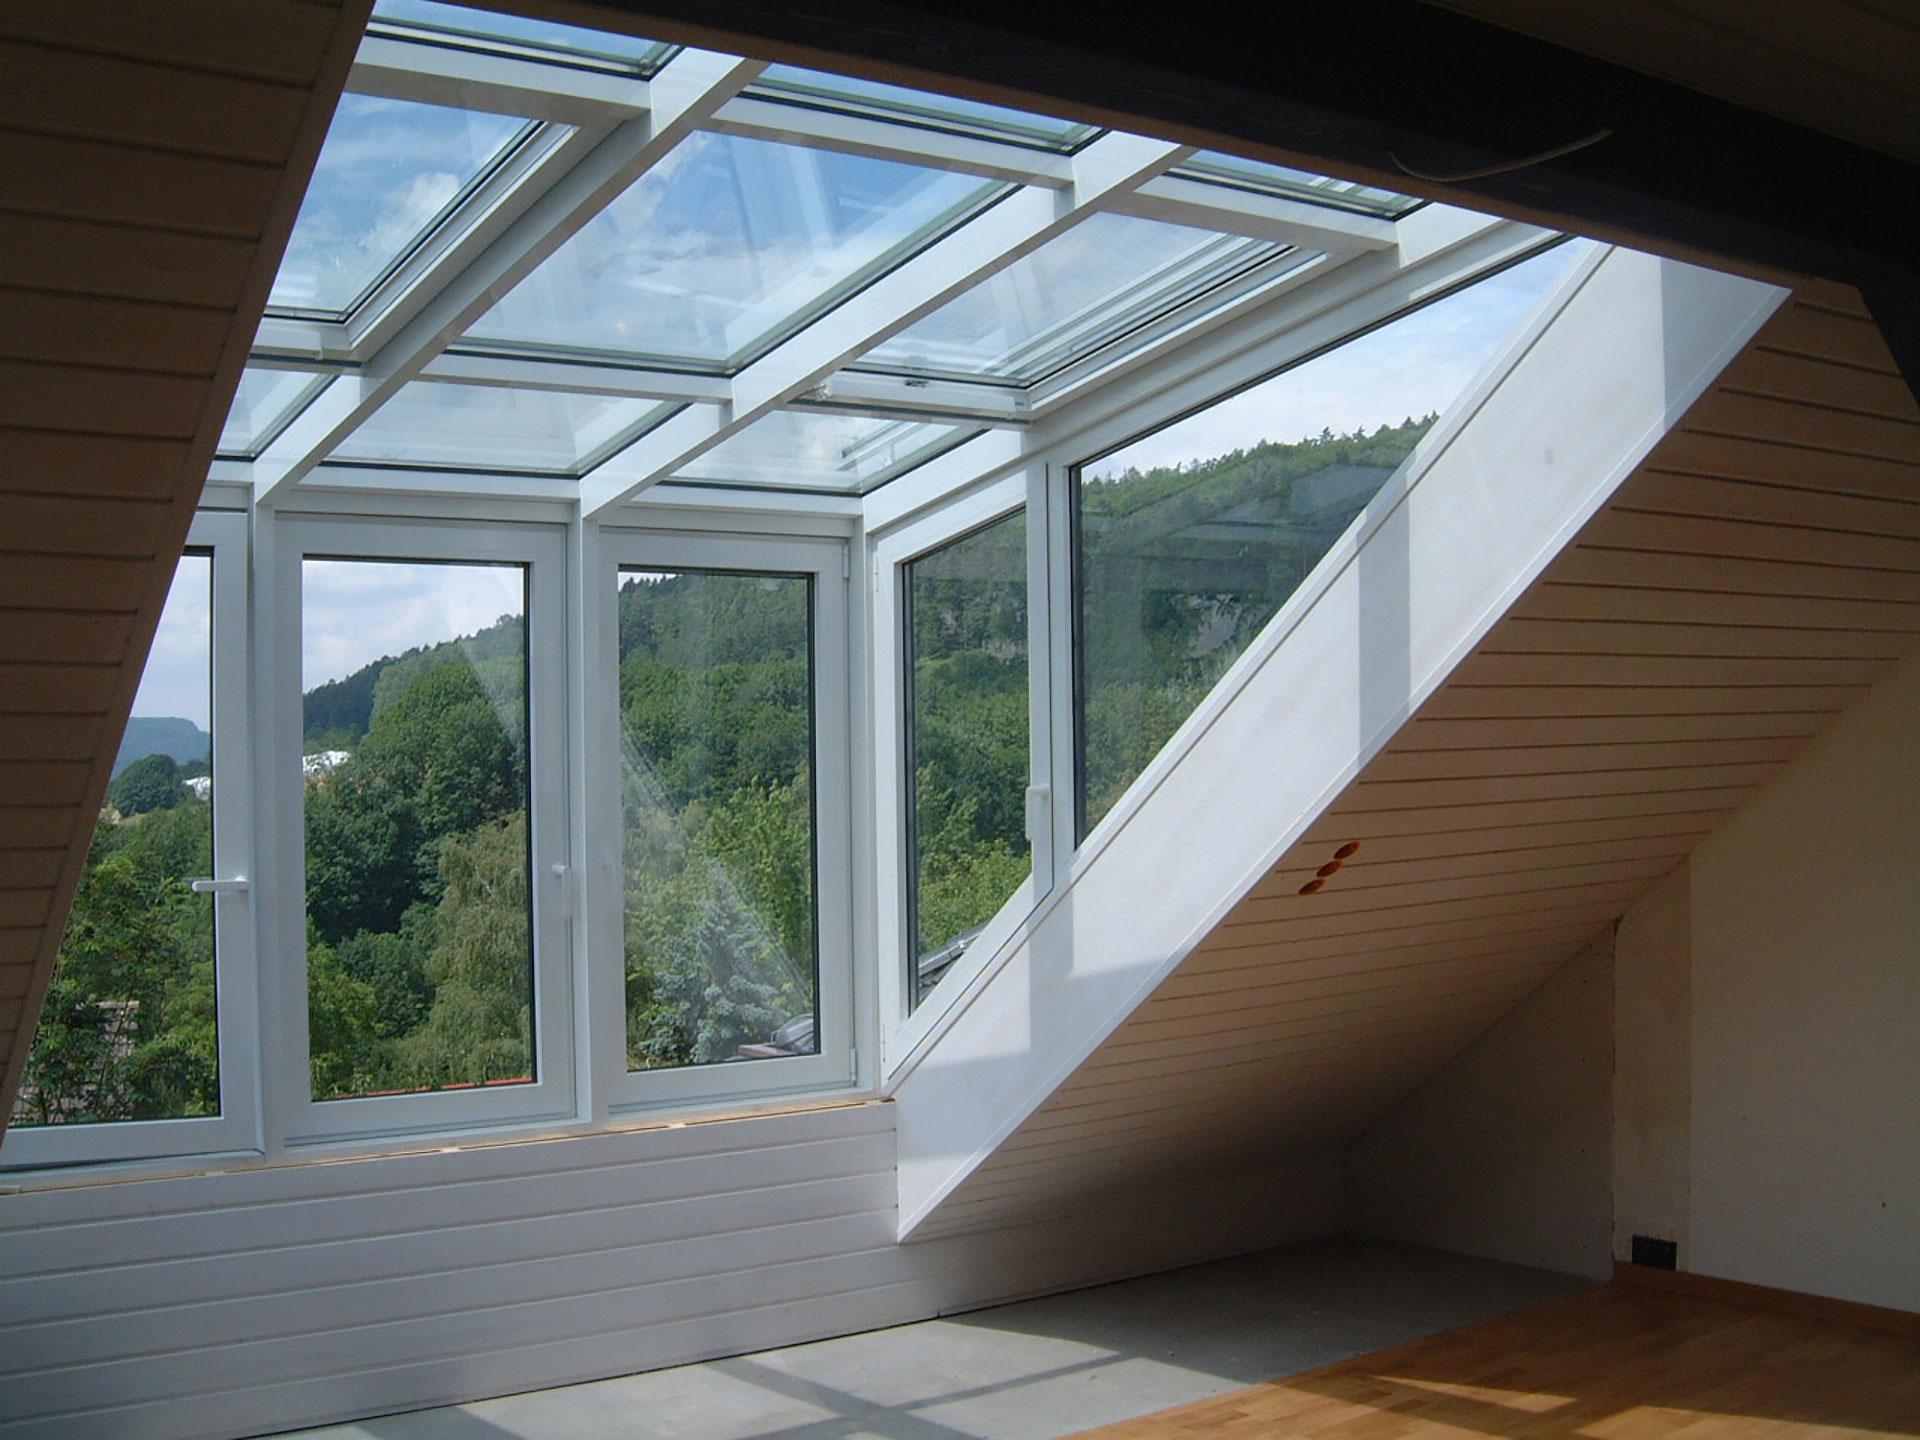 glas referenzen 13 sps gauben. Black Bedroom Furniture Sets. Home Design Ideas